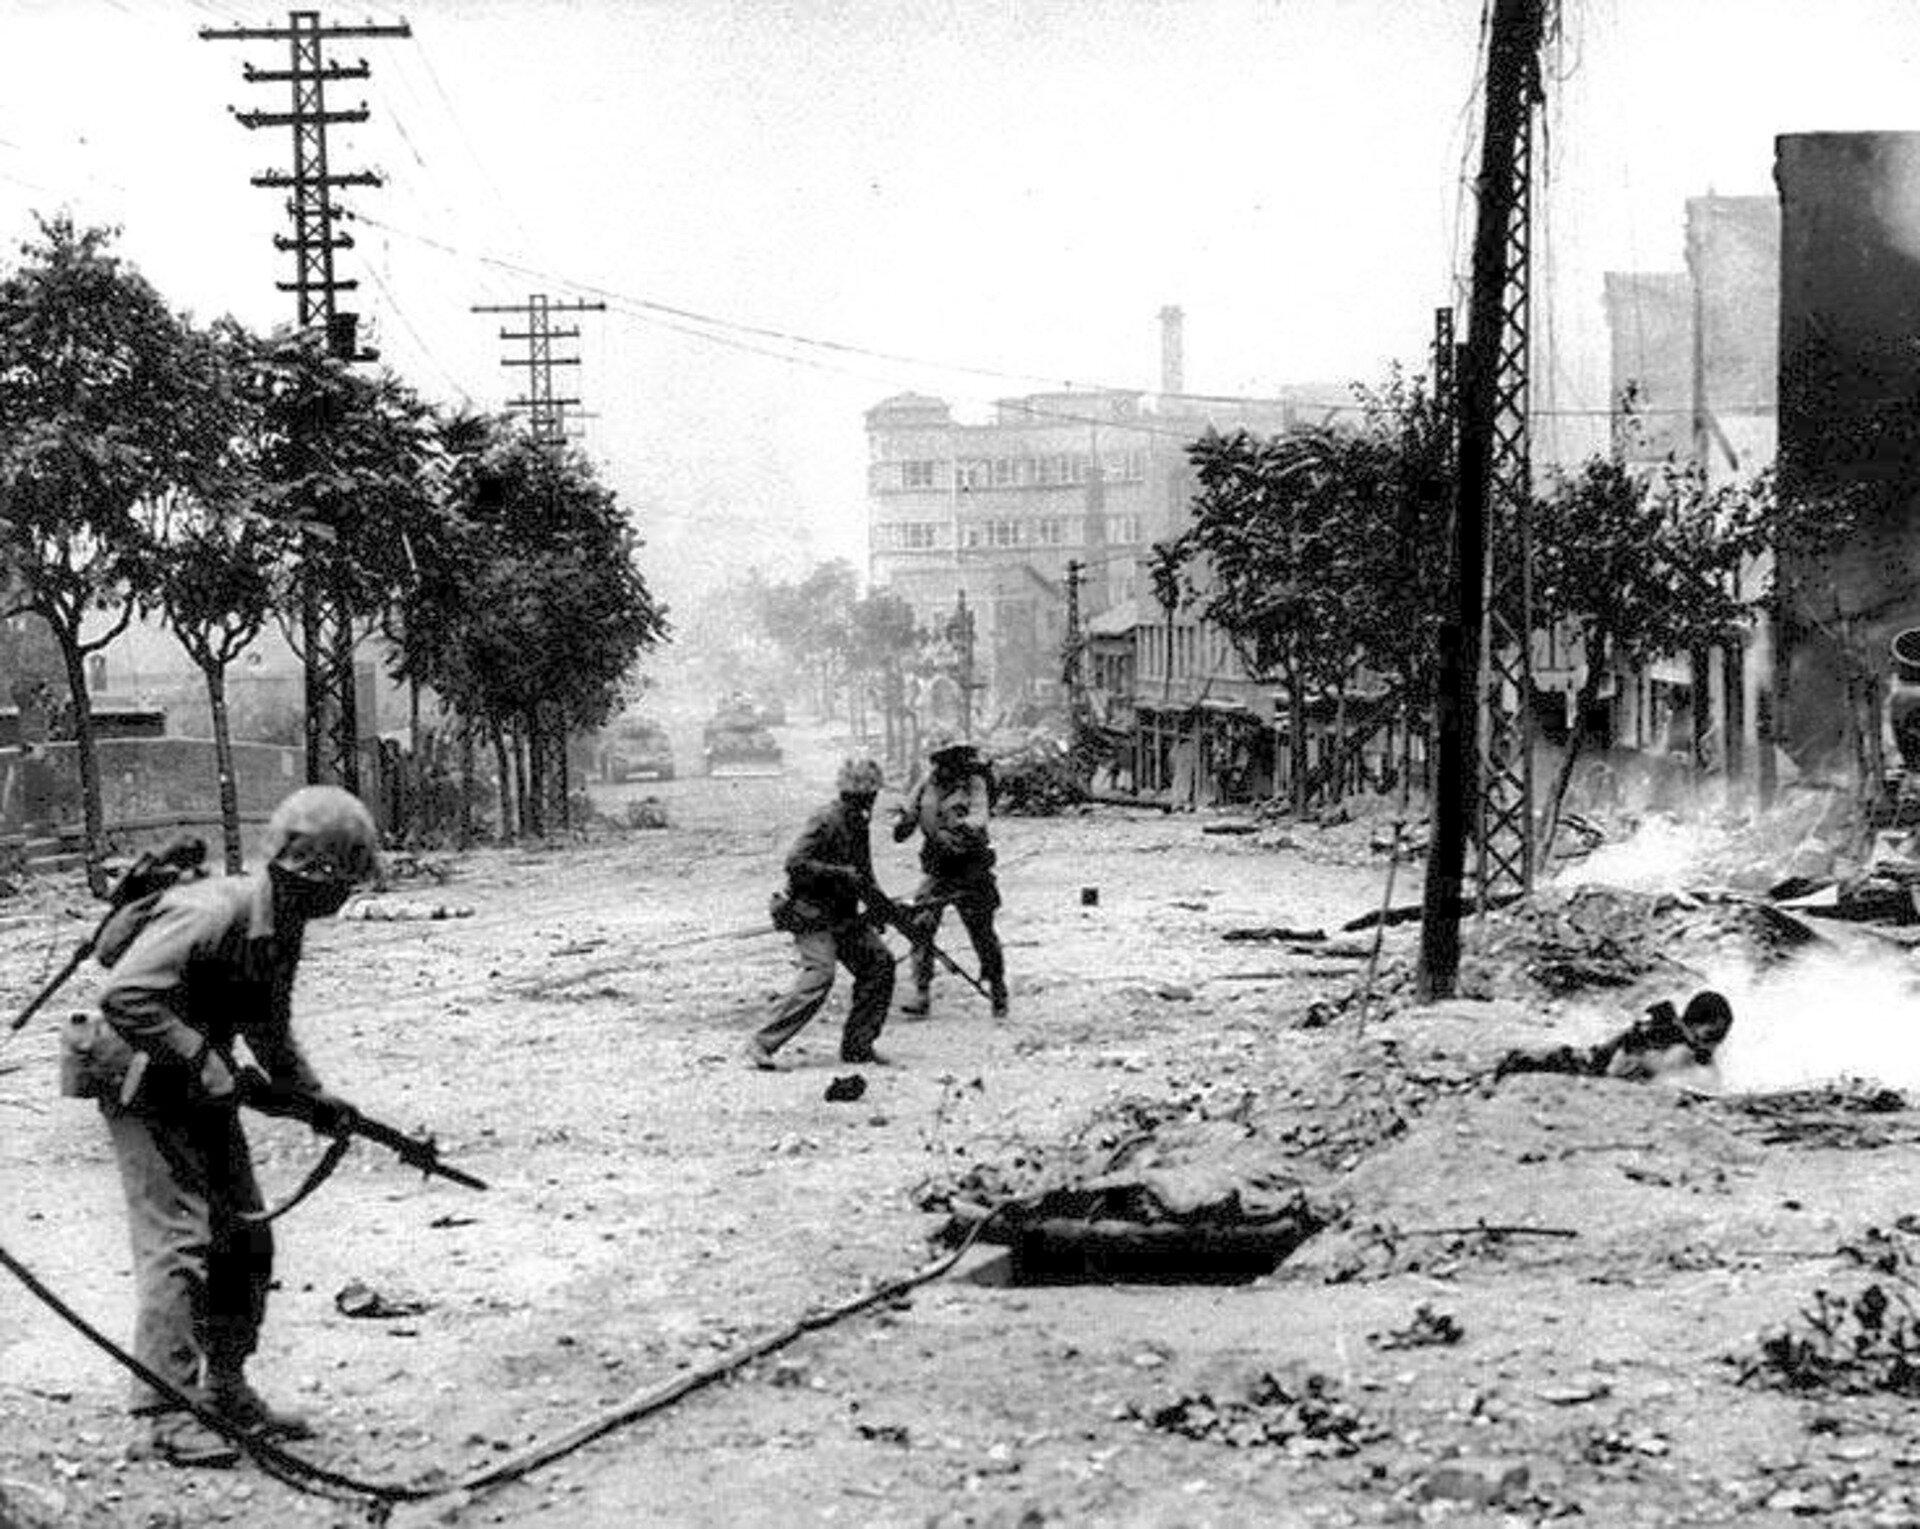 Fotografia czarno-biała przedstawiająca fragment ataku na zniszczone miasto. Na pierwszym planie widać kilku żołnierzy szturmujących miasto. Na głowach mają hełmy wrękach karabiny. Celują nimi wotwór studzienki kanalizacyjnej wdrodze jakby miałby wniej być wróg. Ulice są zniszczone, zbombardowane, widać kłęby brudu, kurzu igruzu.